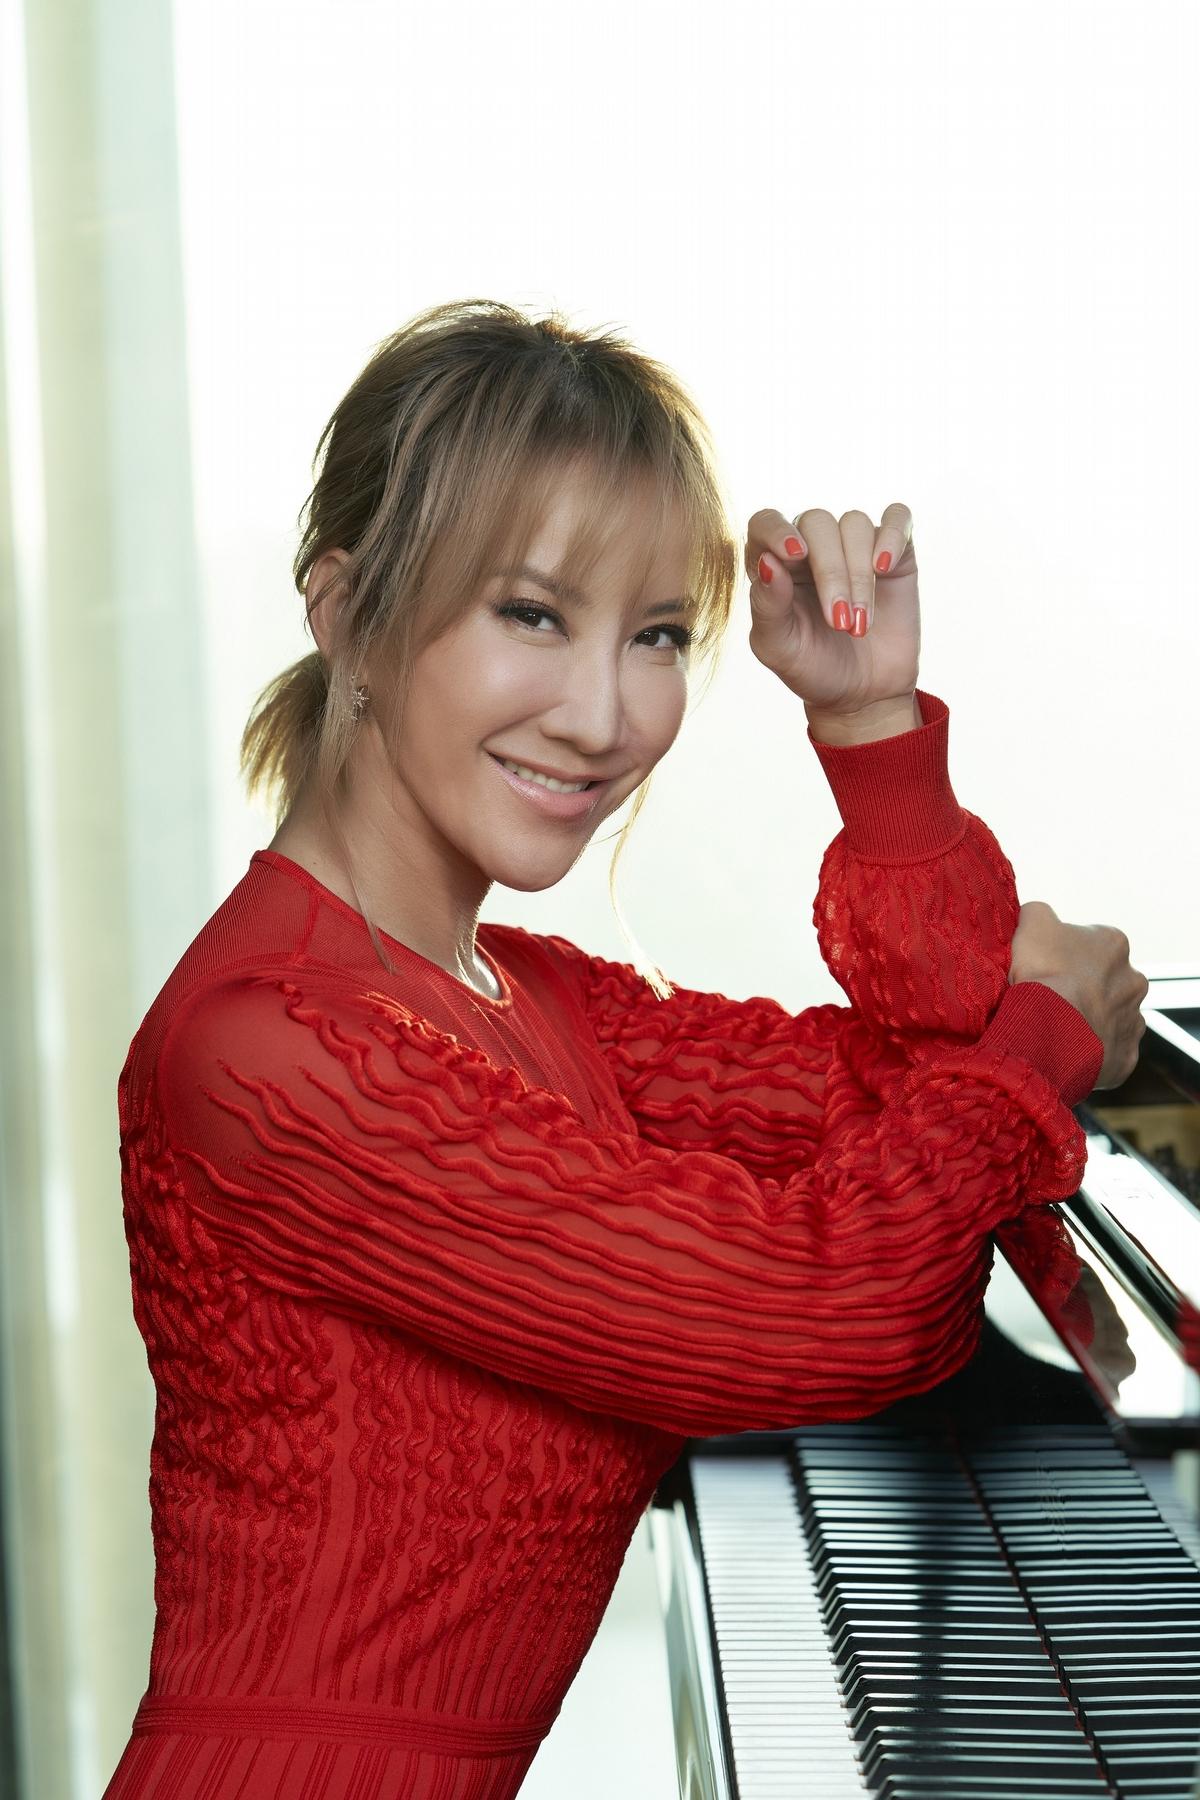 COCO李玟睽違22年獻唱《花木蘭》經典曲! 缺氧頭暈冒星星